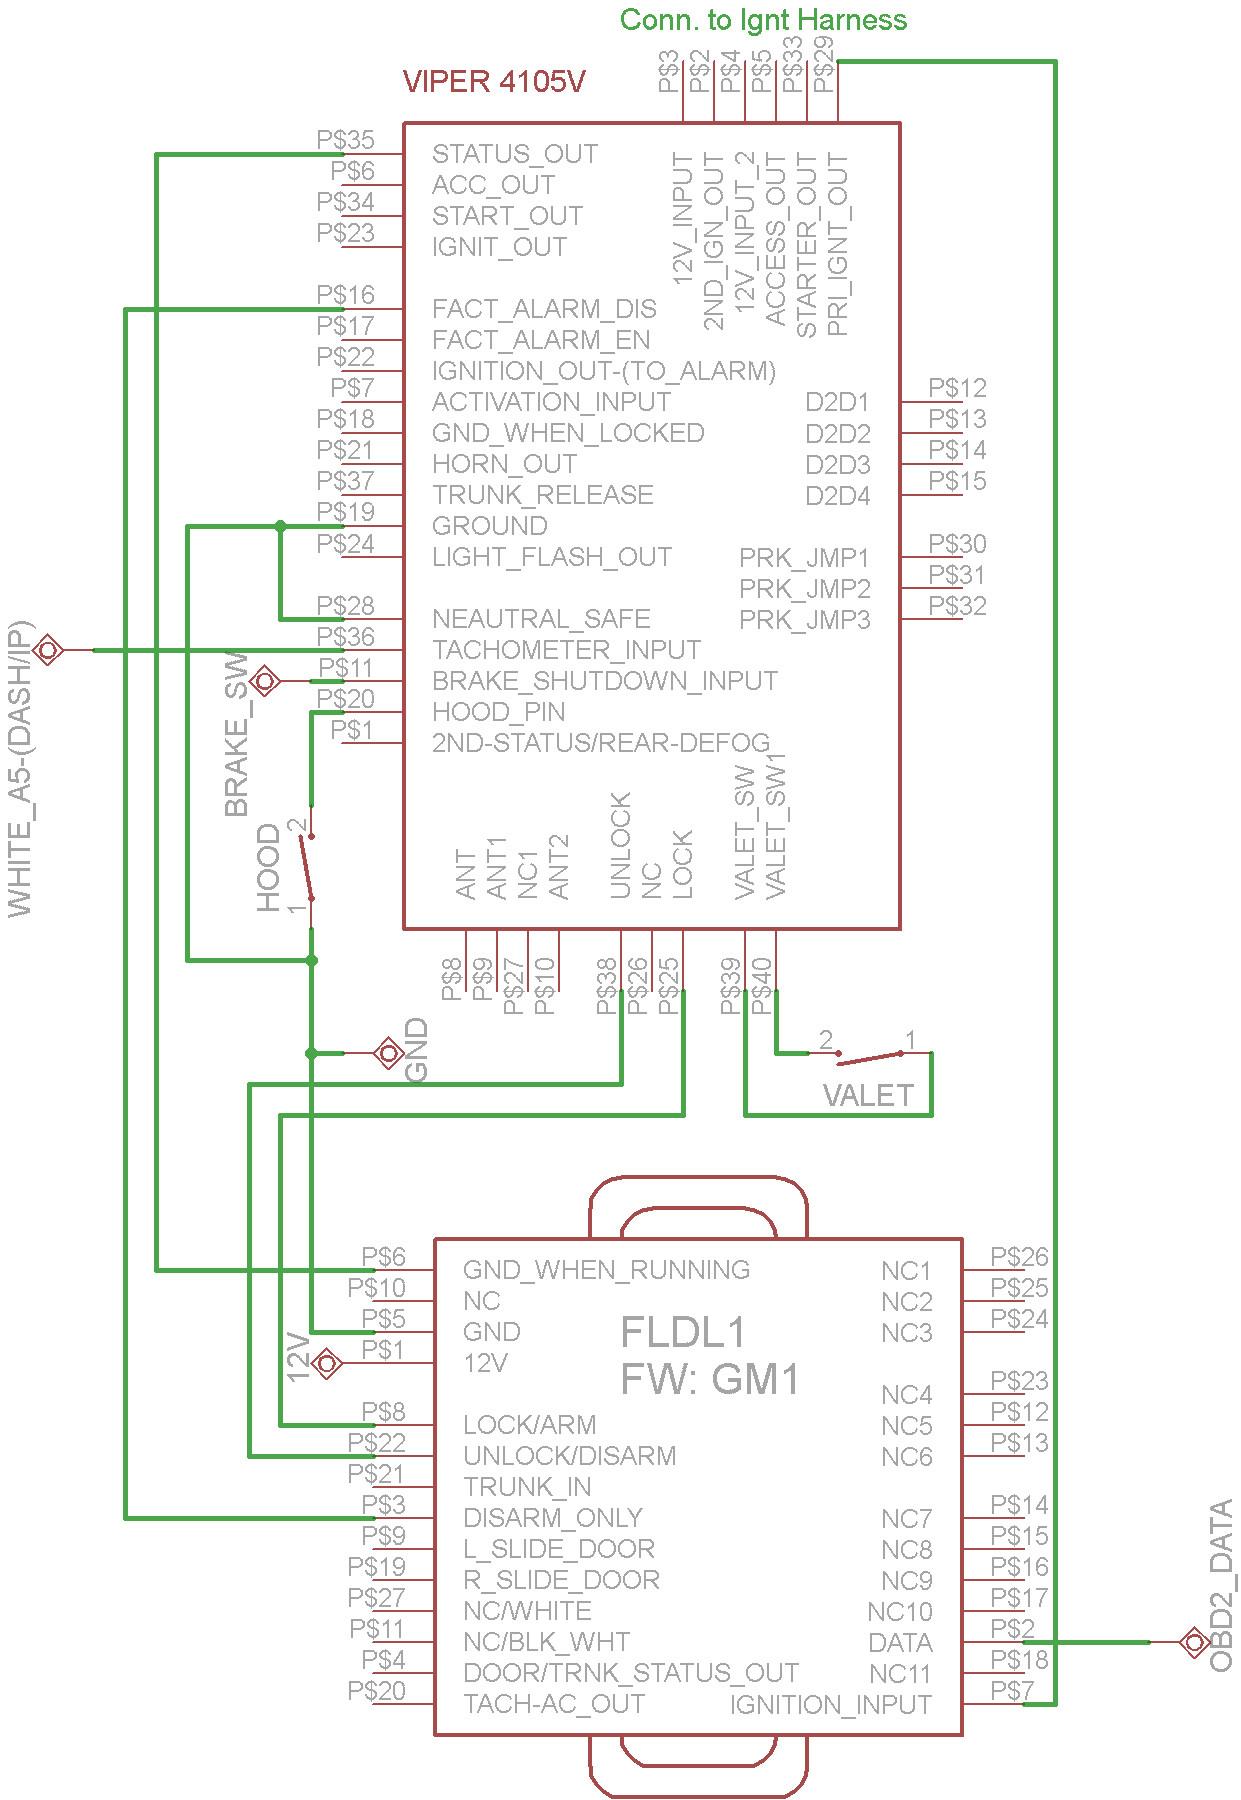 Viper 5706V Wiring Diagram   Wiring Diagram - Viper 5706V Wiring Diagram